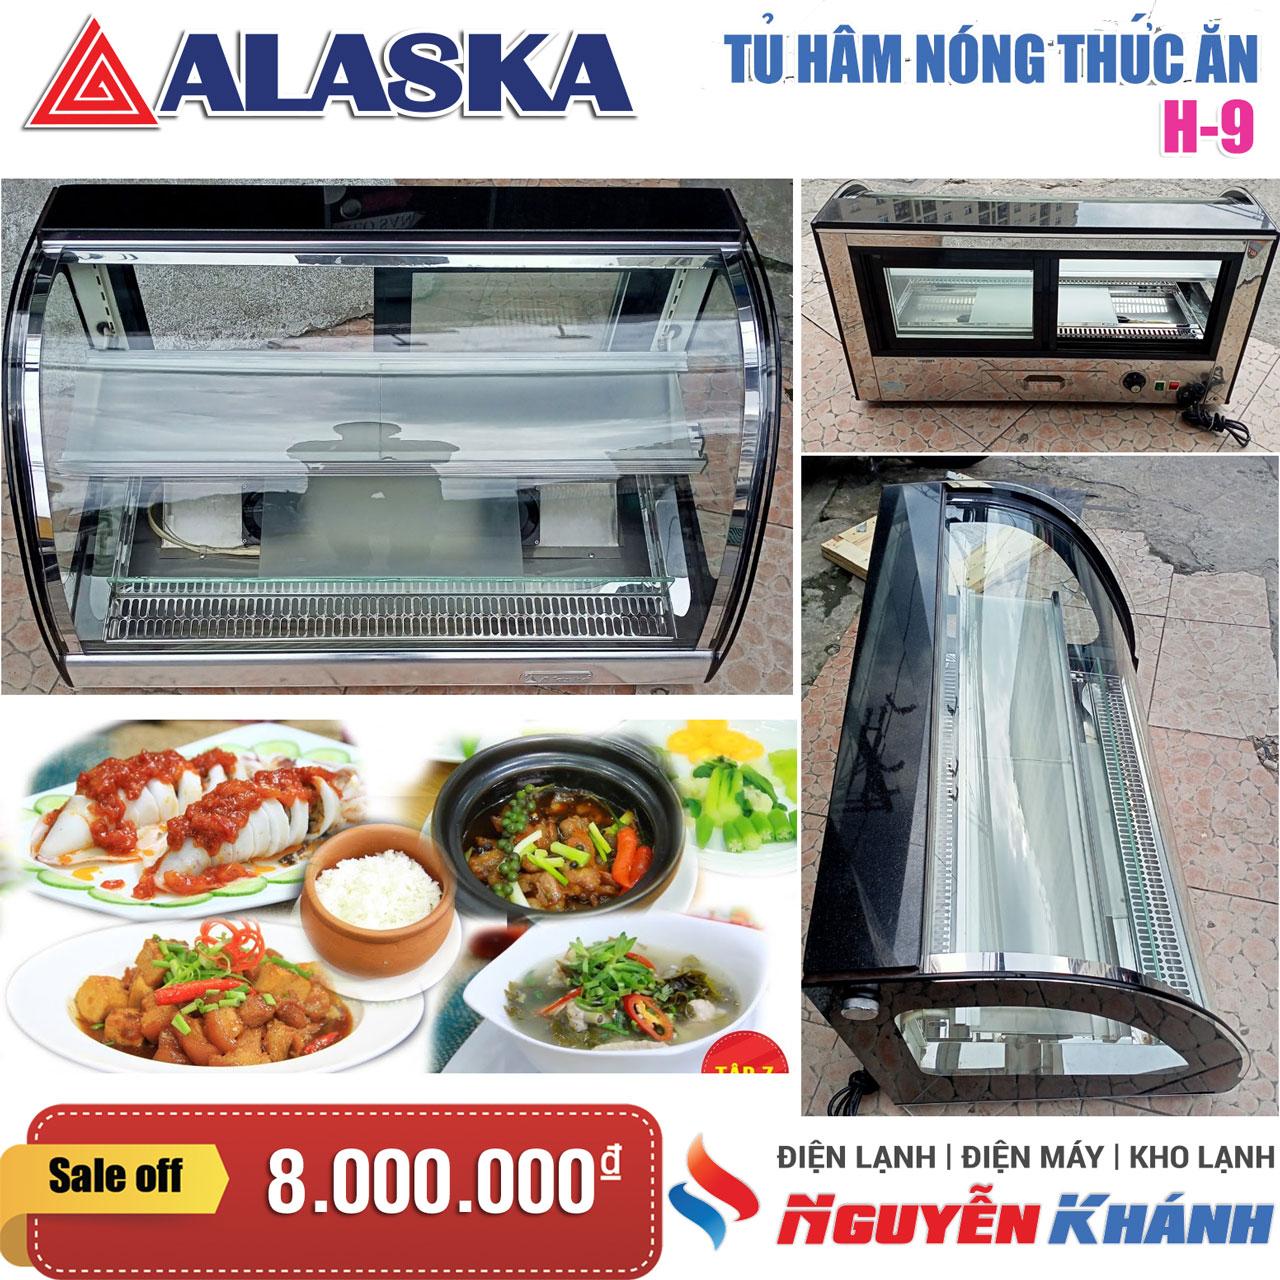 Tủ nóng trưng bày siêu thị Alaska H-9